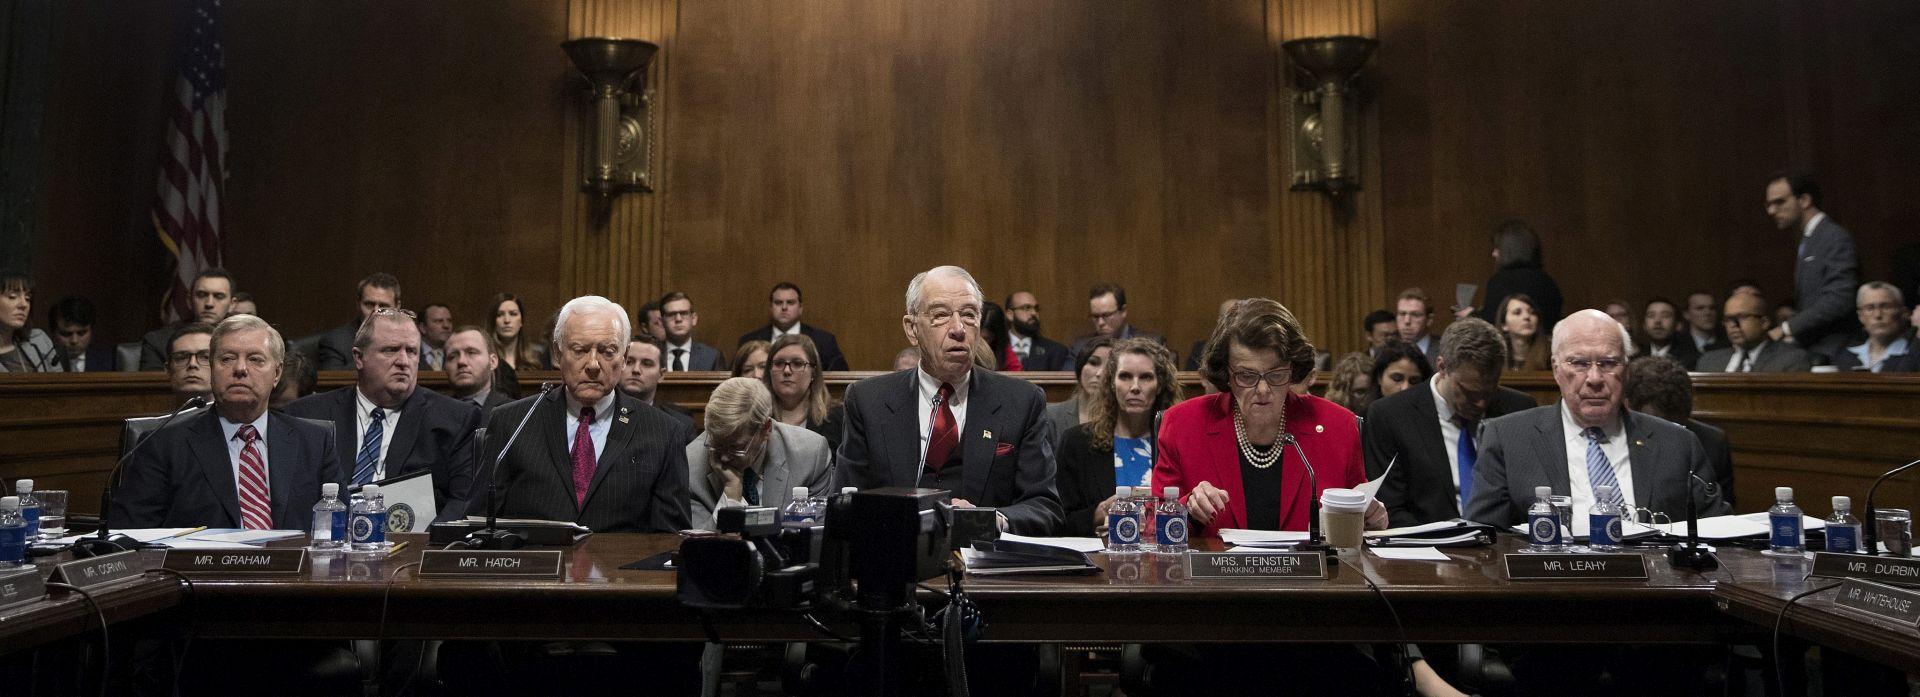 Senatski odbor potvrdio Trumpovog kandidata za glavnog državnog odvjetnika